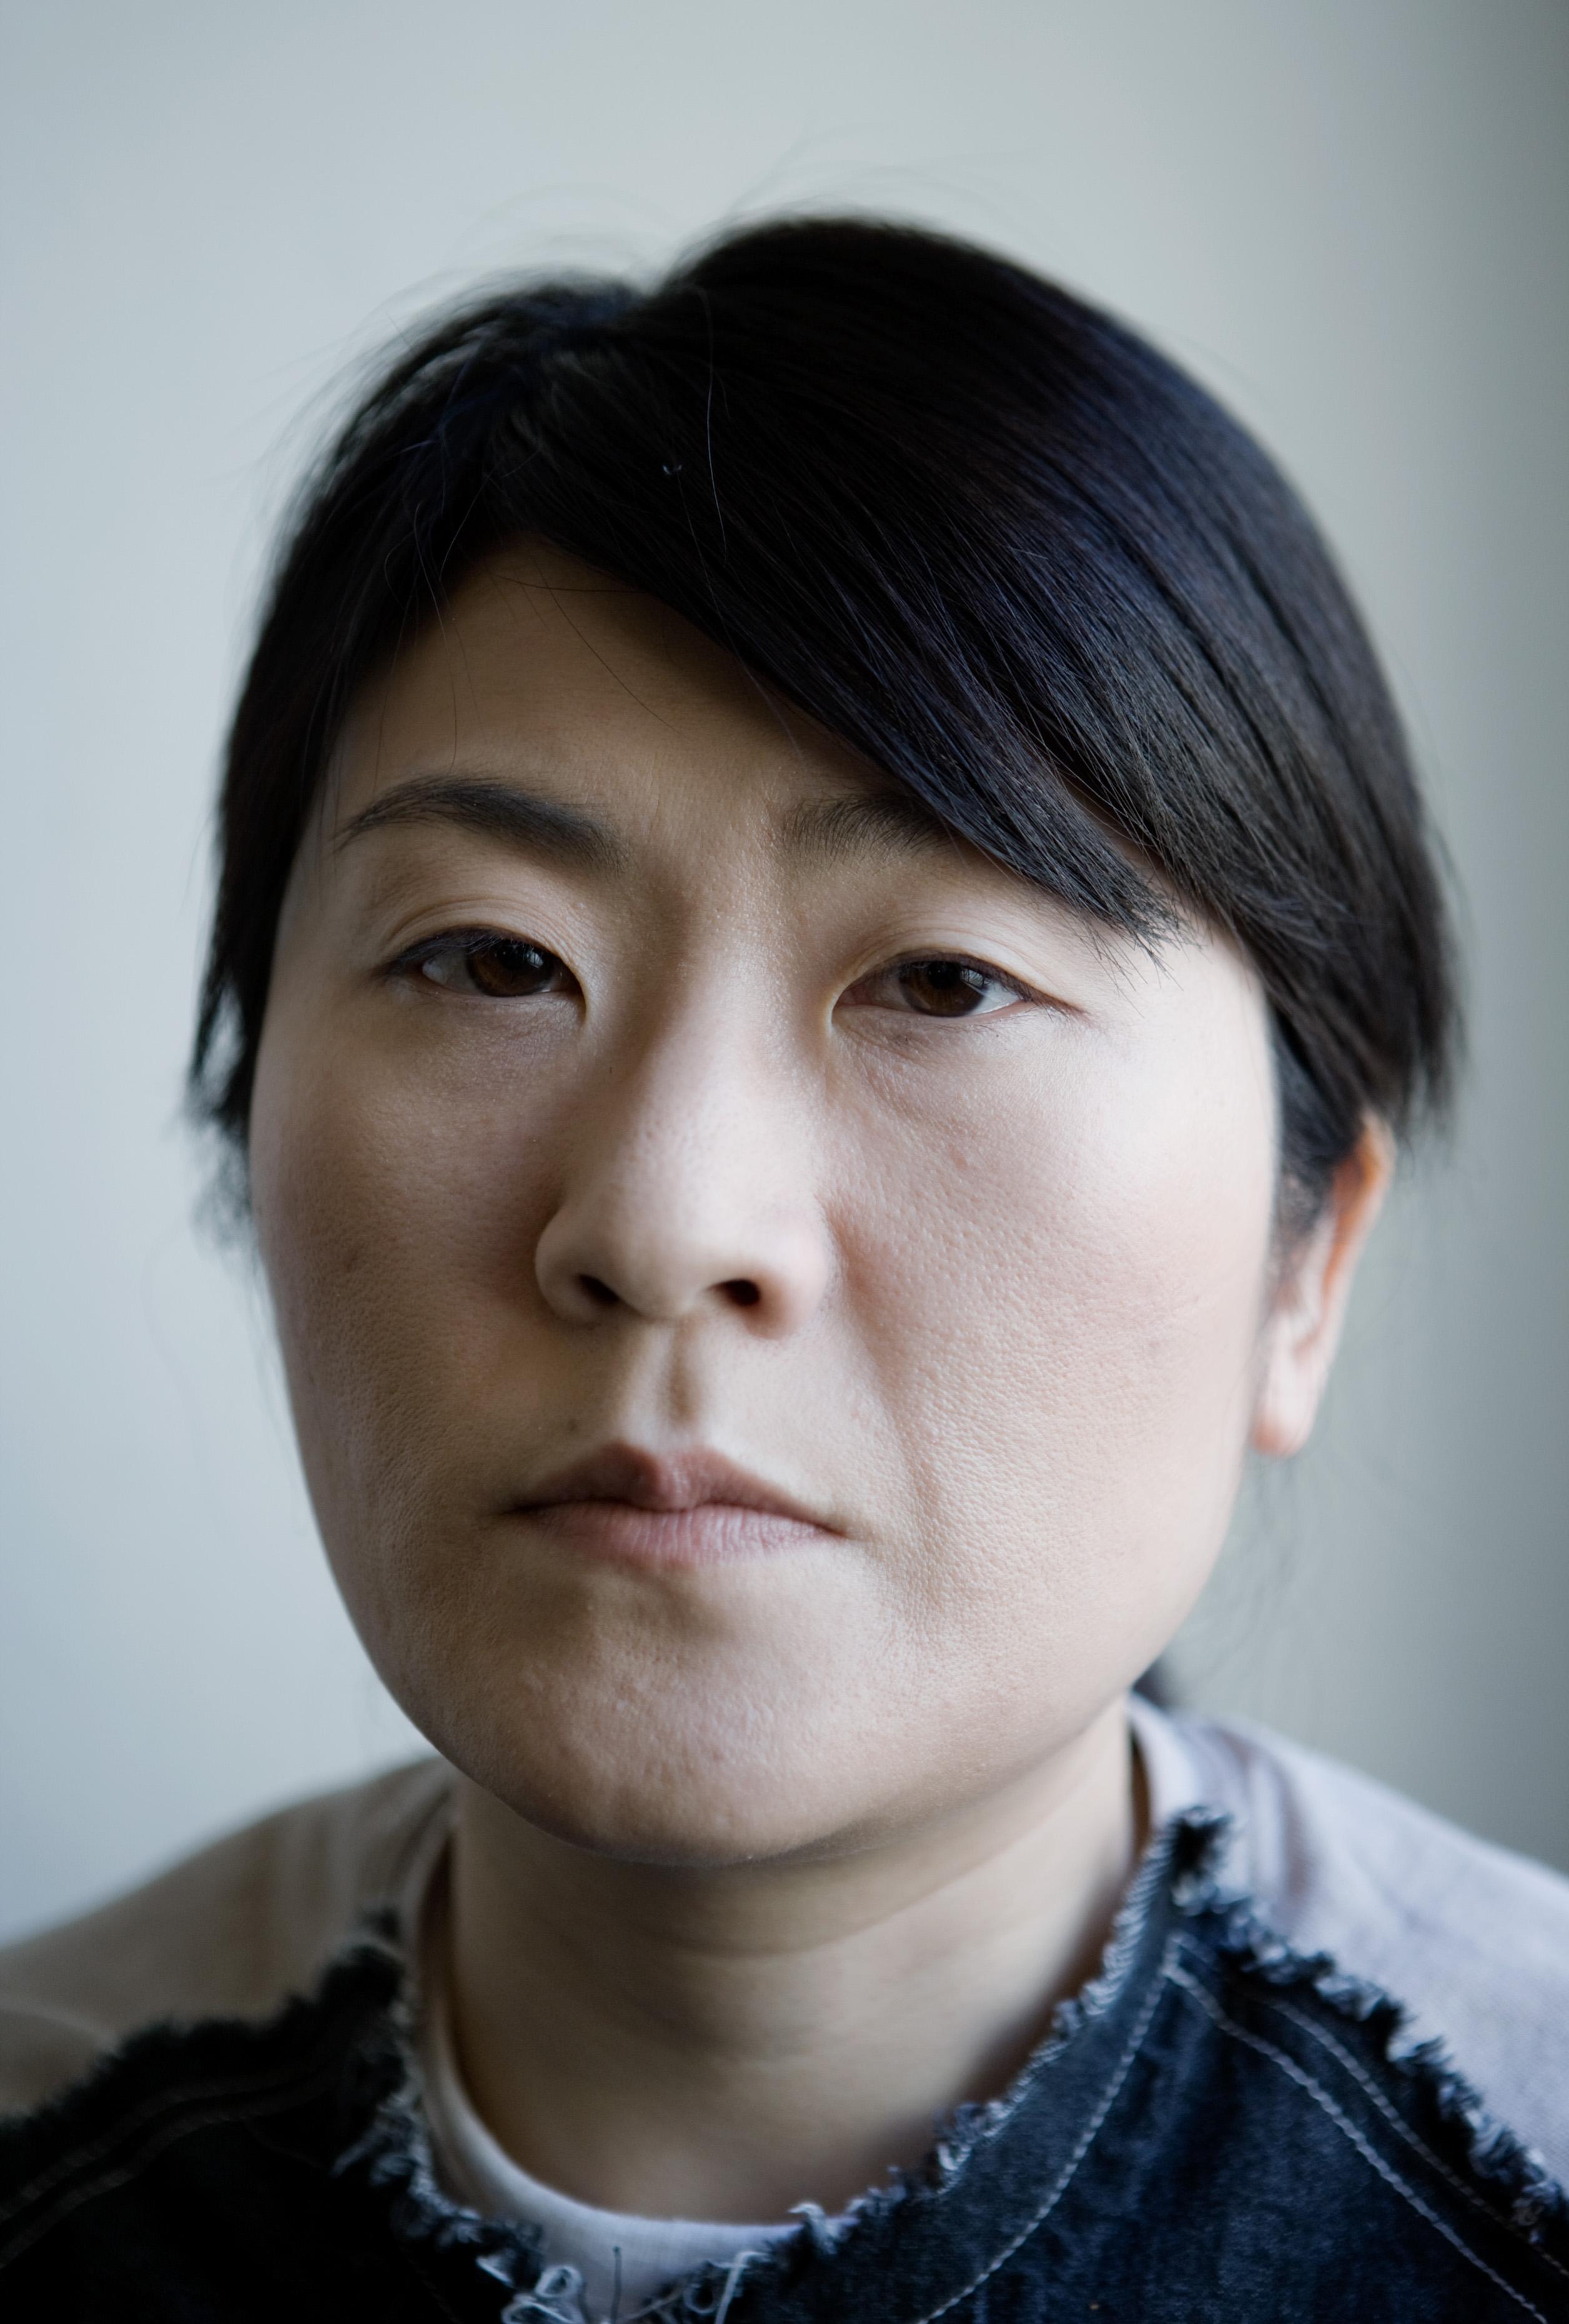 YASUKO MITSUURA